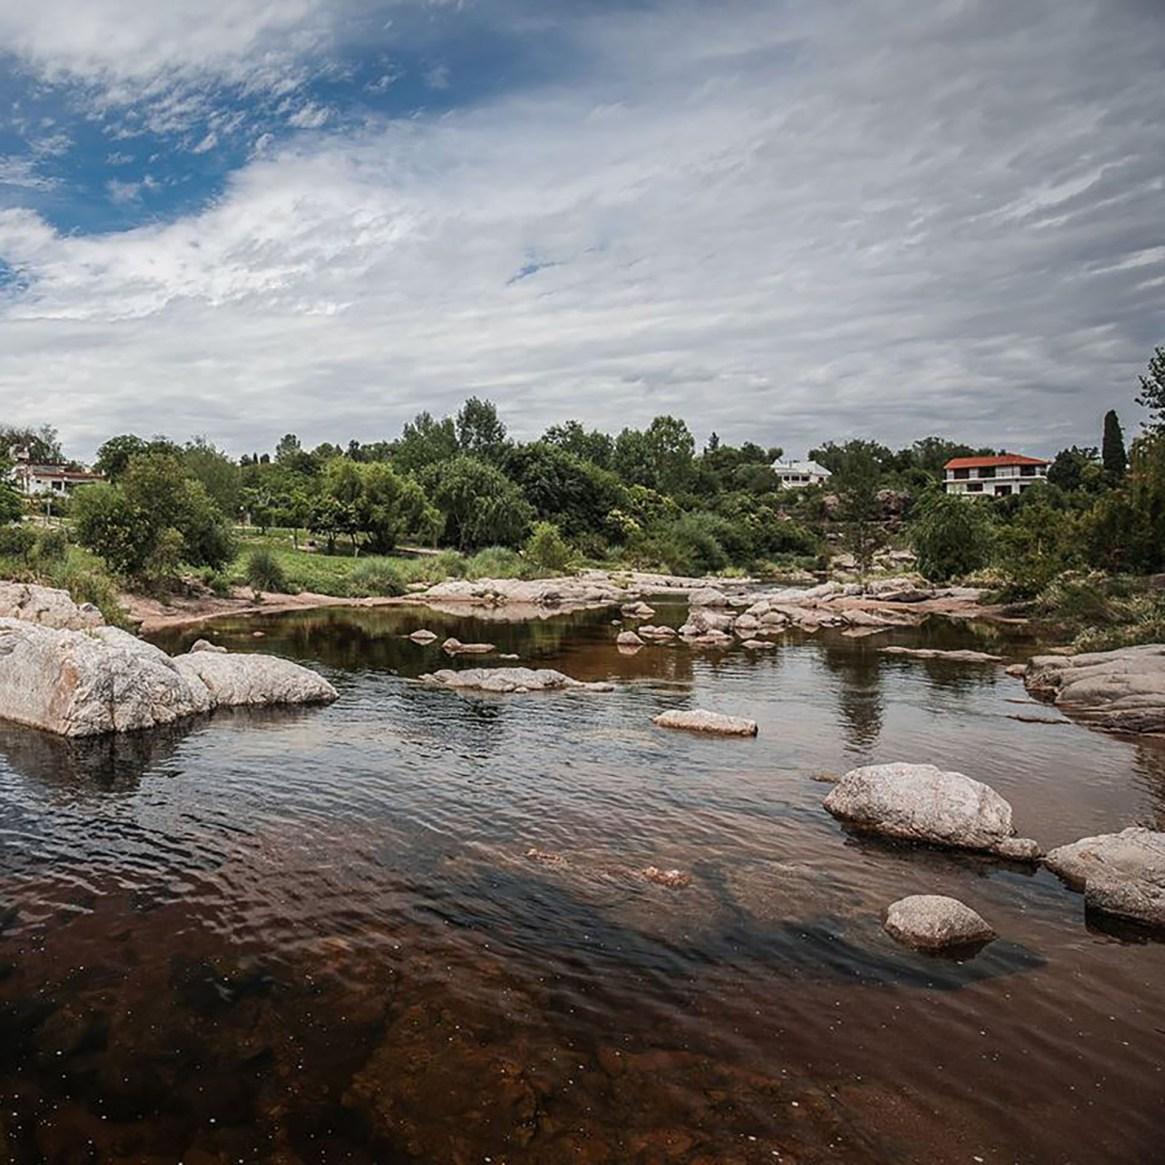 Sus aguas frías, mineralizadas gracias al corredor de roca, tienen fama de ser curativas (Facebook: 7 MAR)